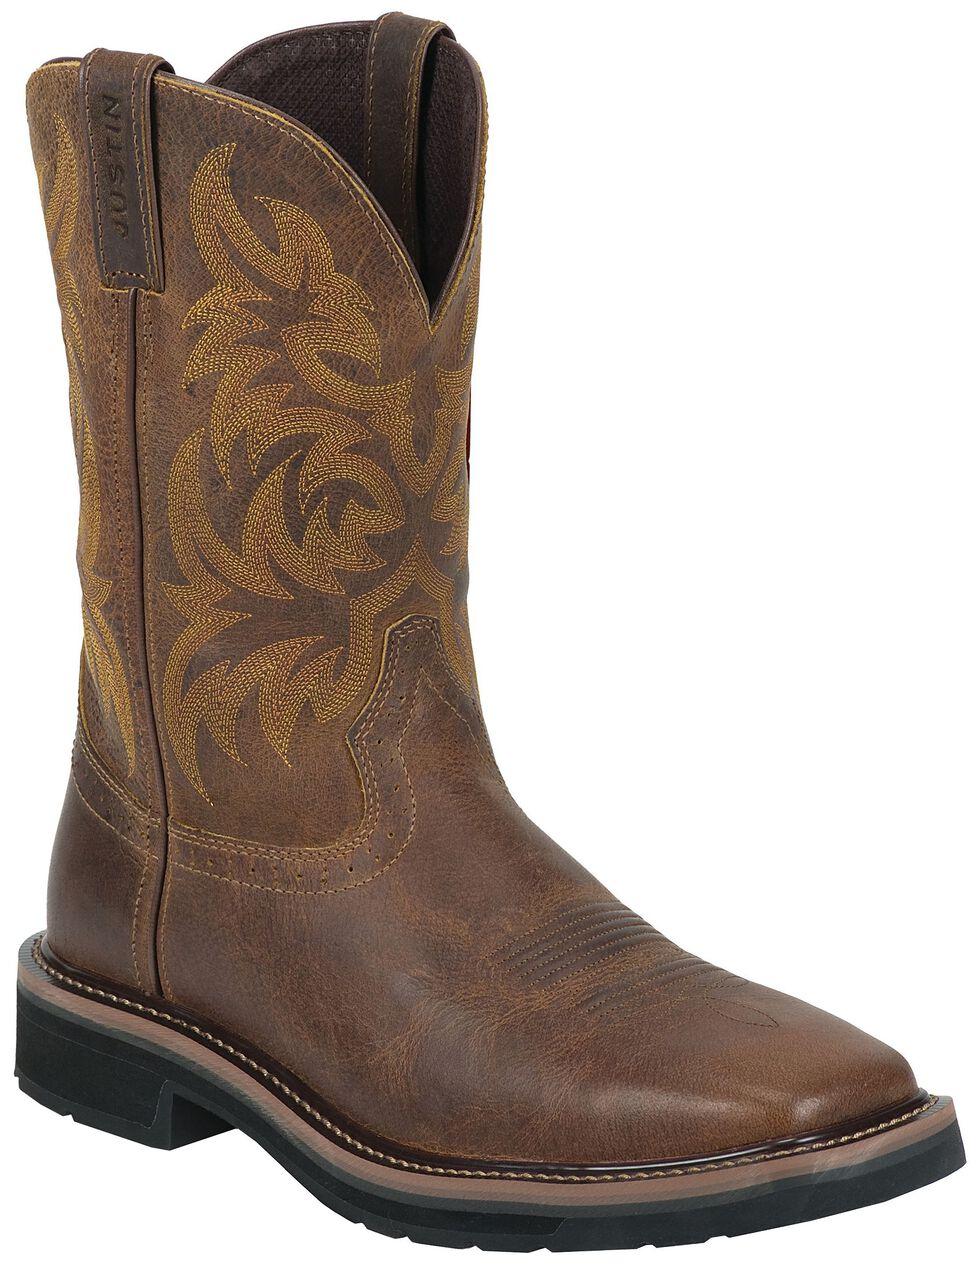 Justin Men's Stampede Handler Western Work Boots - Soft Toe, Tan, hi-res